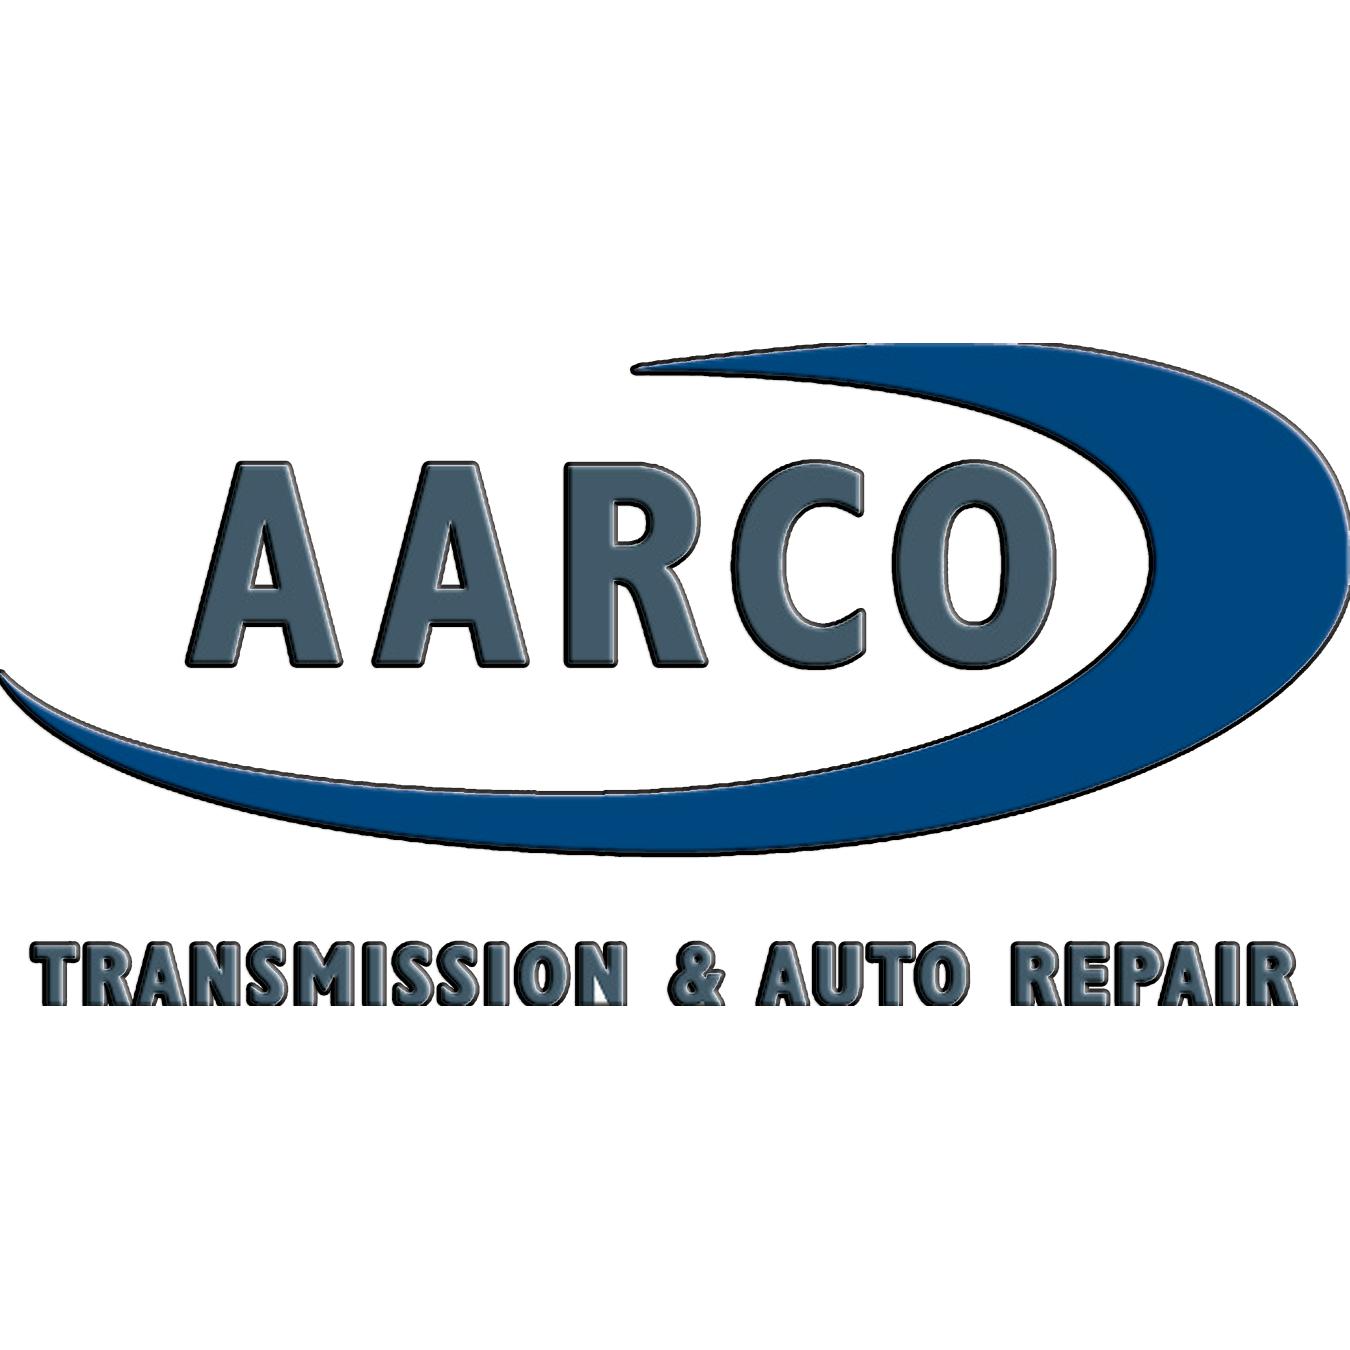 Aarco Transmission & Auto Repair